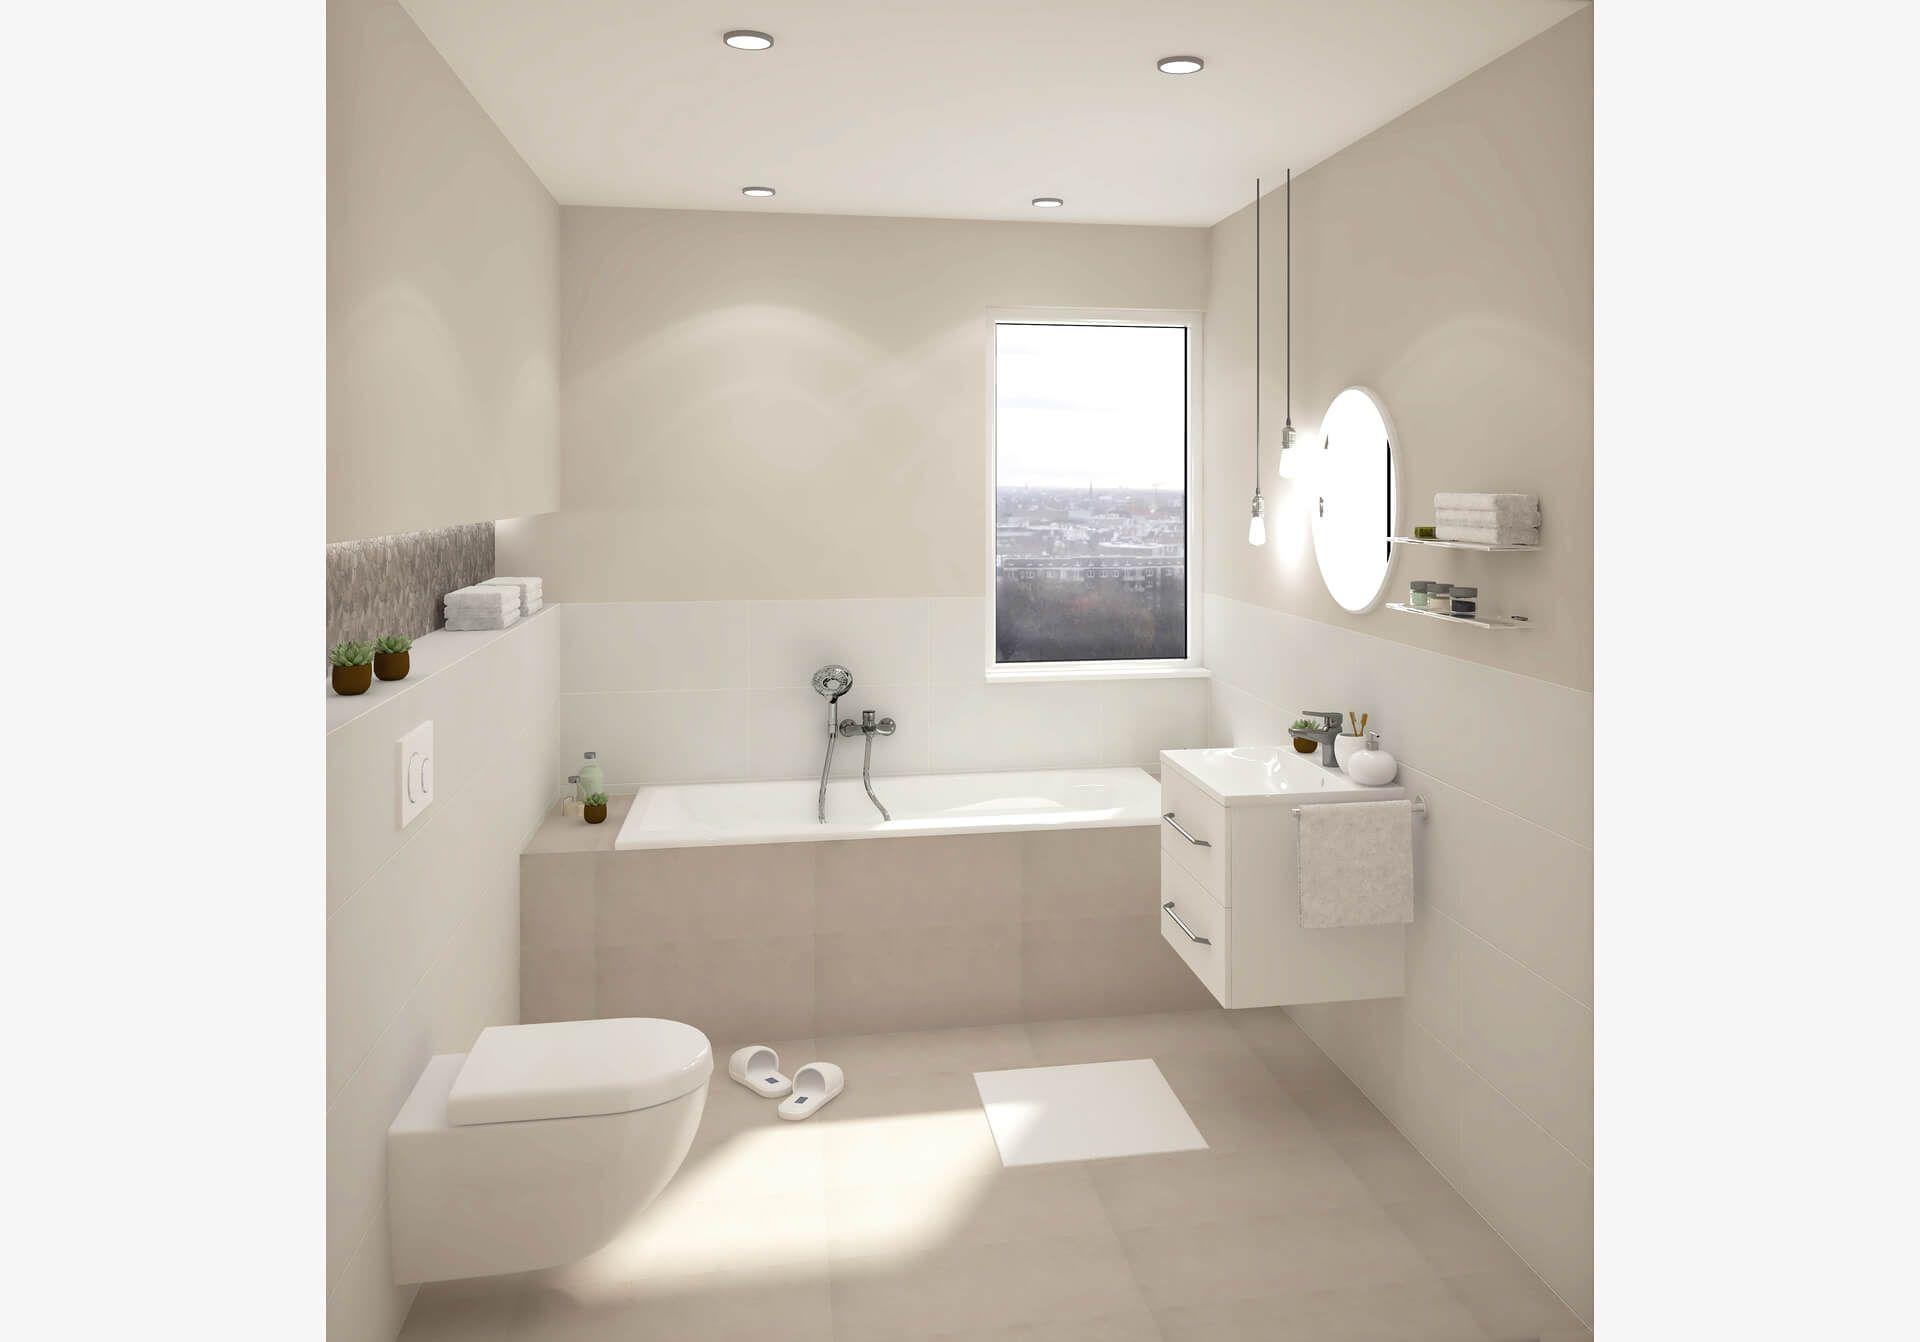 Badplaner Jetzt Badezimmer Planen Mit Obi In 2020 Kleines Bad Badewanne Helle Badezimmer Badezimmer Planen